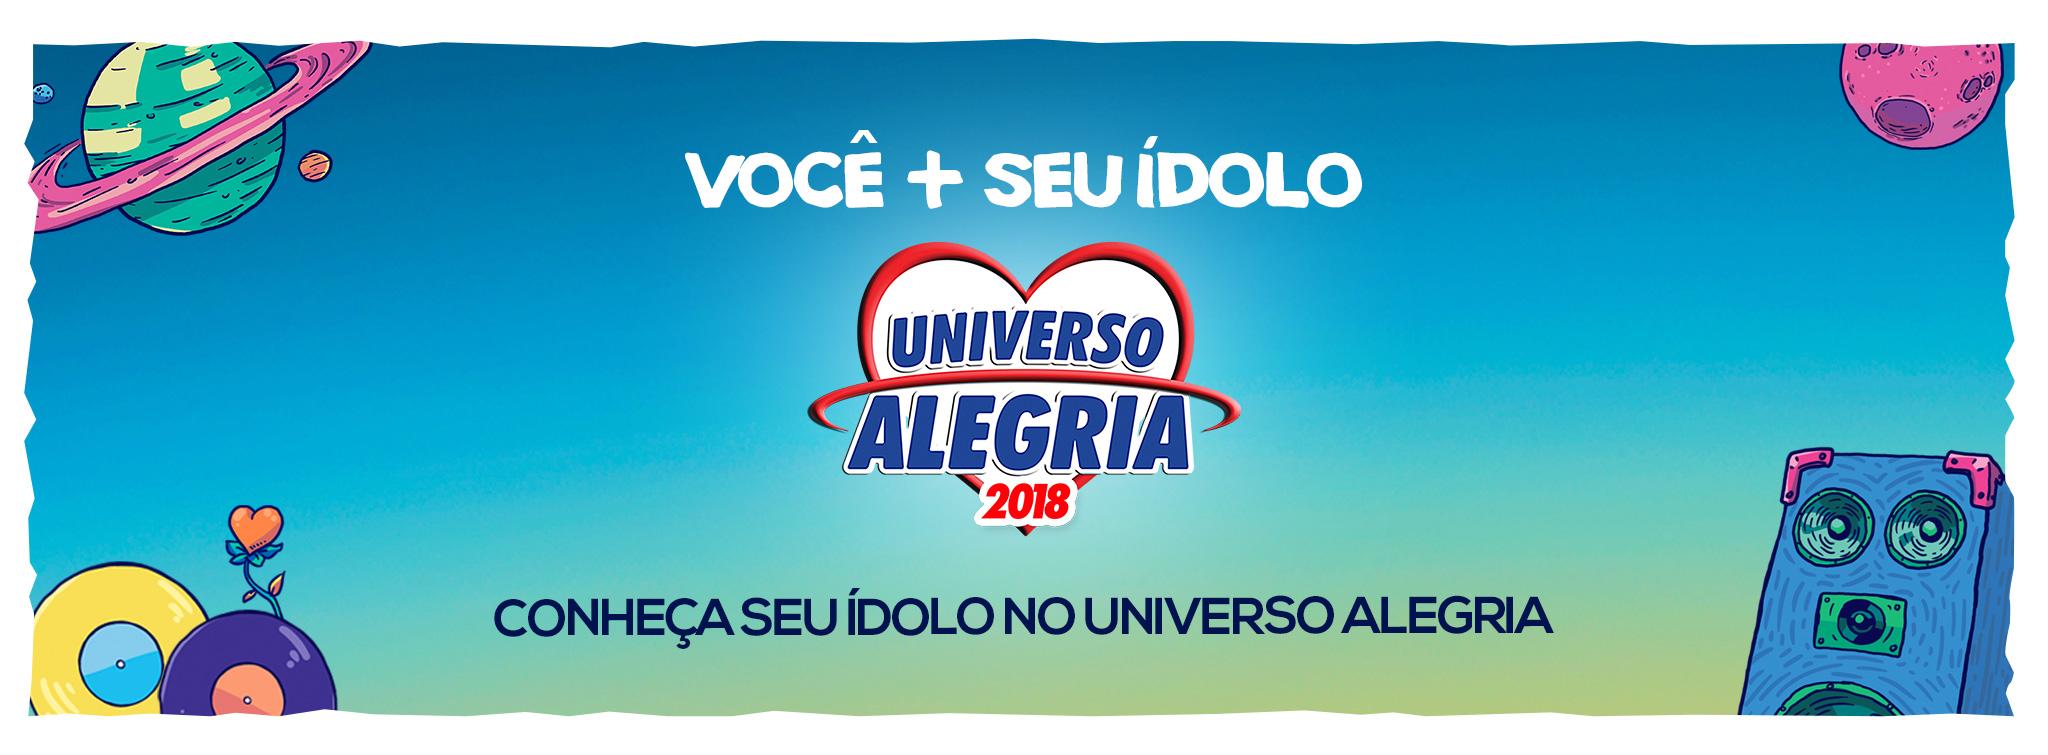 Universo Alegria